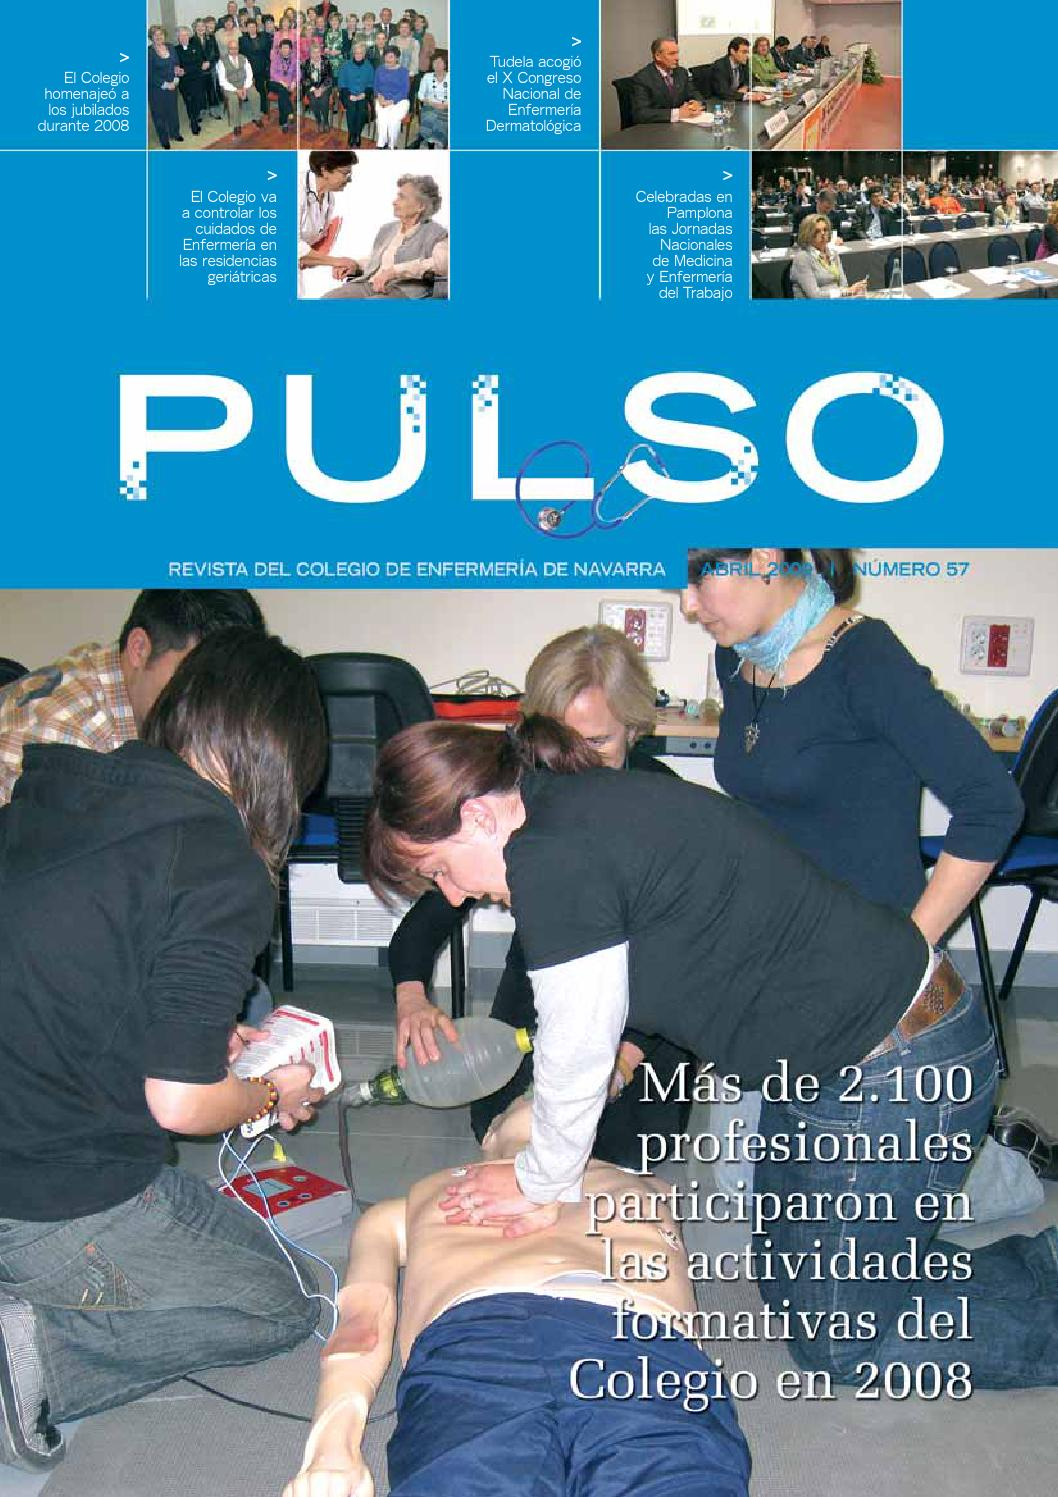 Pulso 57 by Colegio de Enfermería de Navarra - issuu